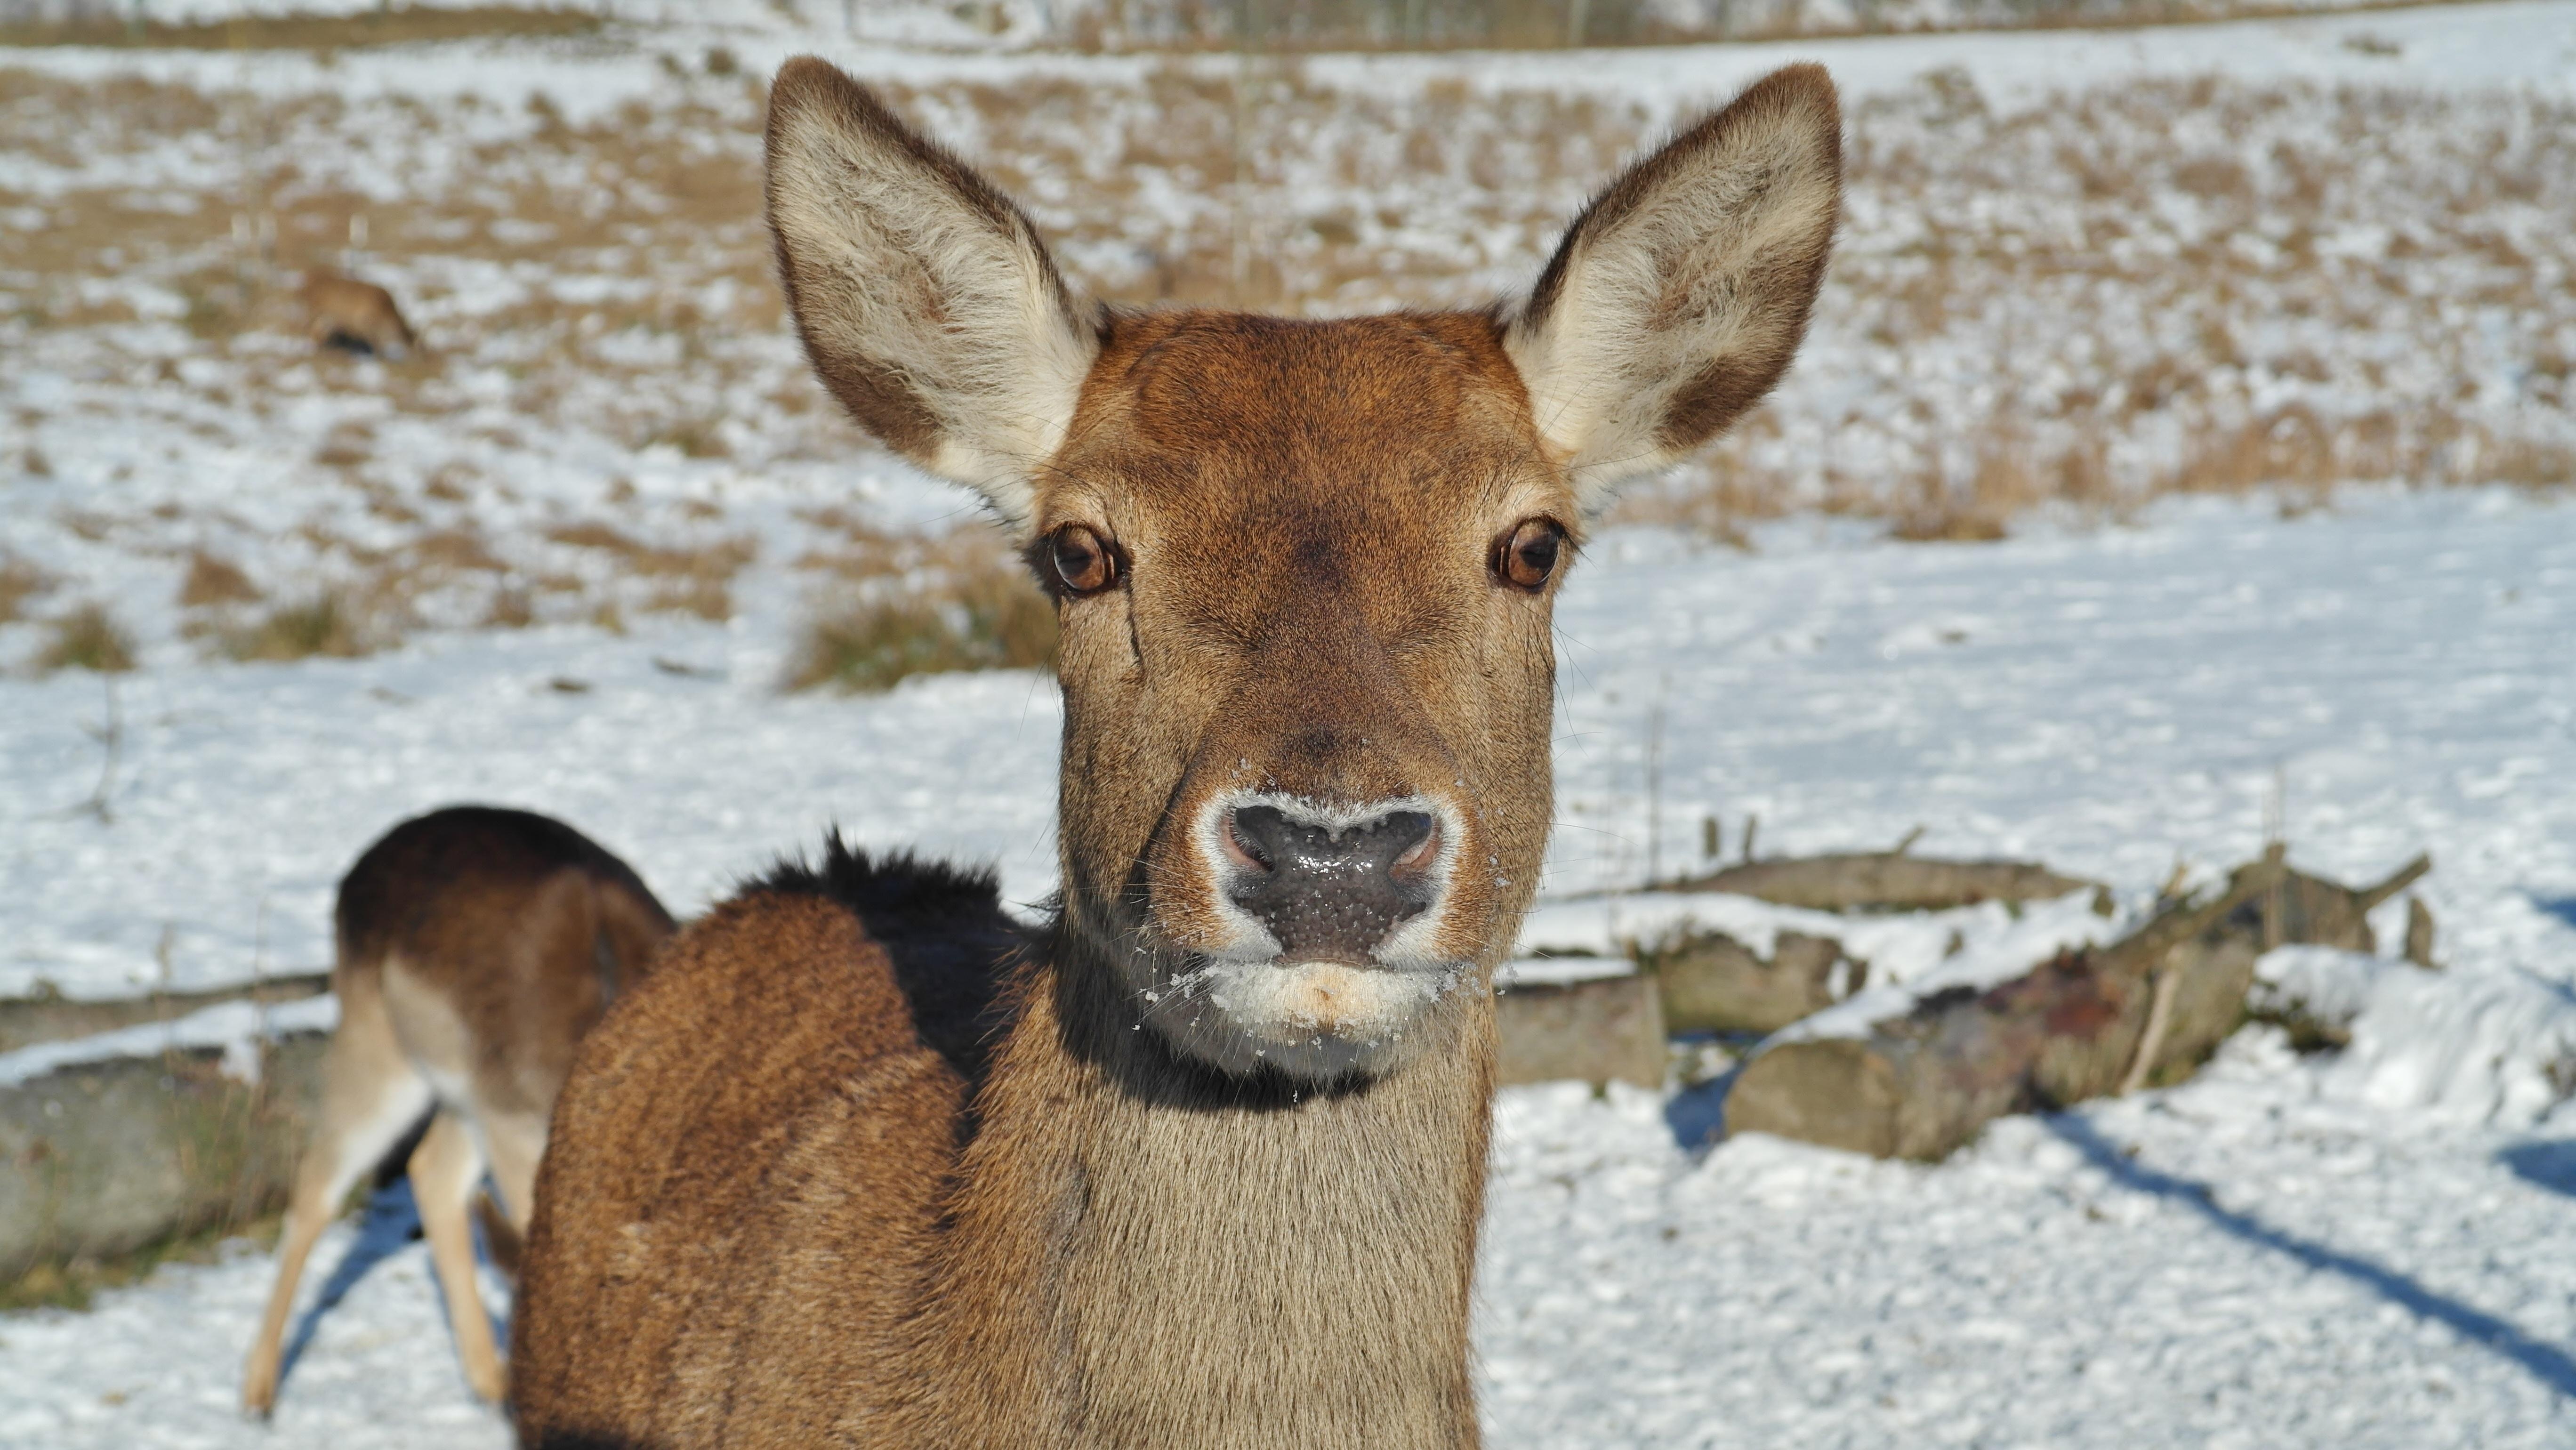 Images gratuites la nature for t neige hiver sauvage - Images d animaux sauvages gratuites ...